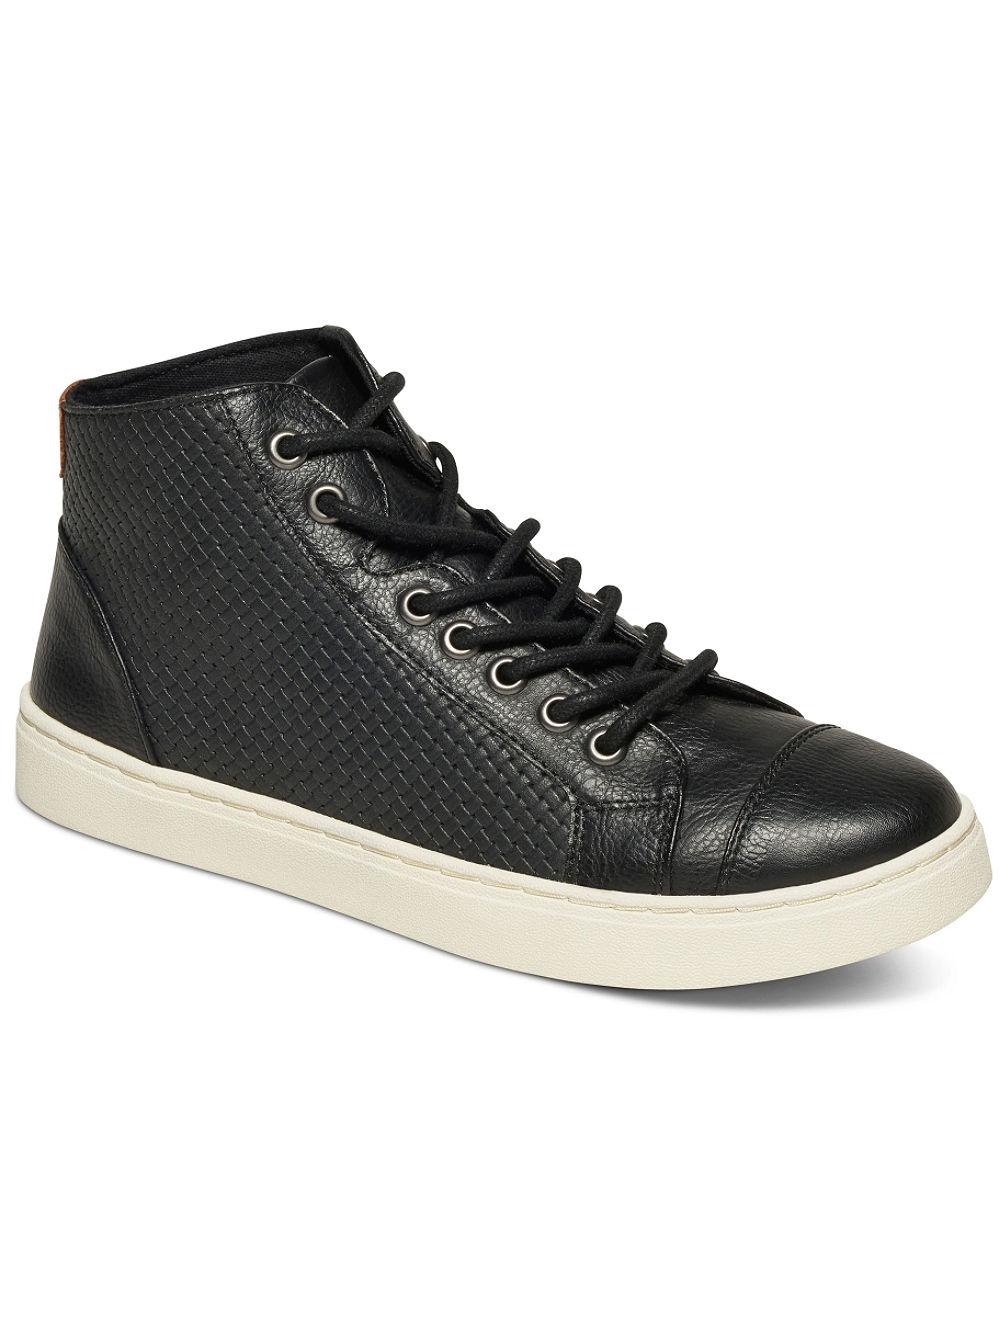 roxy-melbourne-sneakers-women